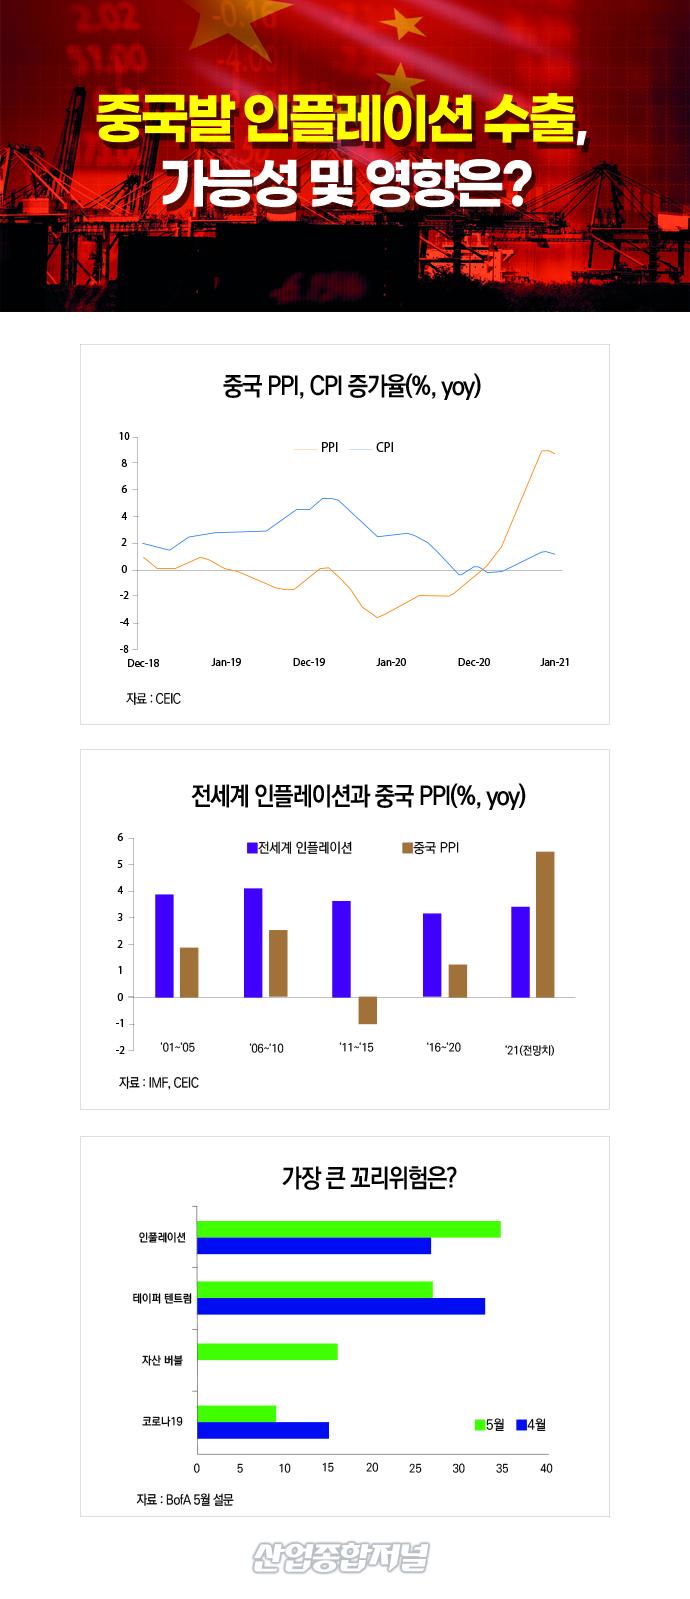 [뉴스그래픽] 중국 발 인플레이션…금리 인상으로 이어지나? - 산업종합저널 동향